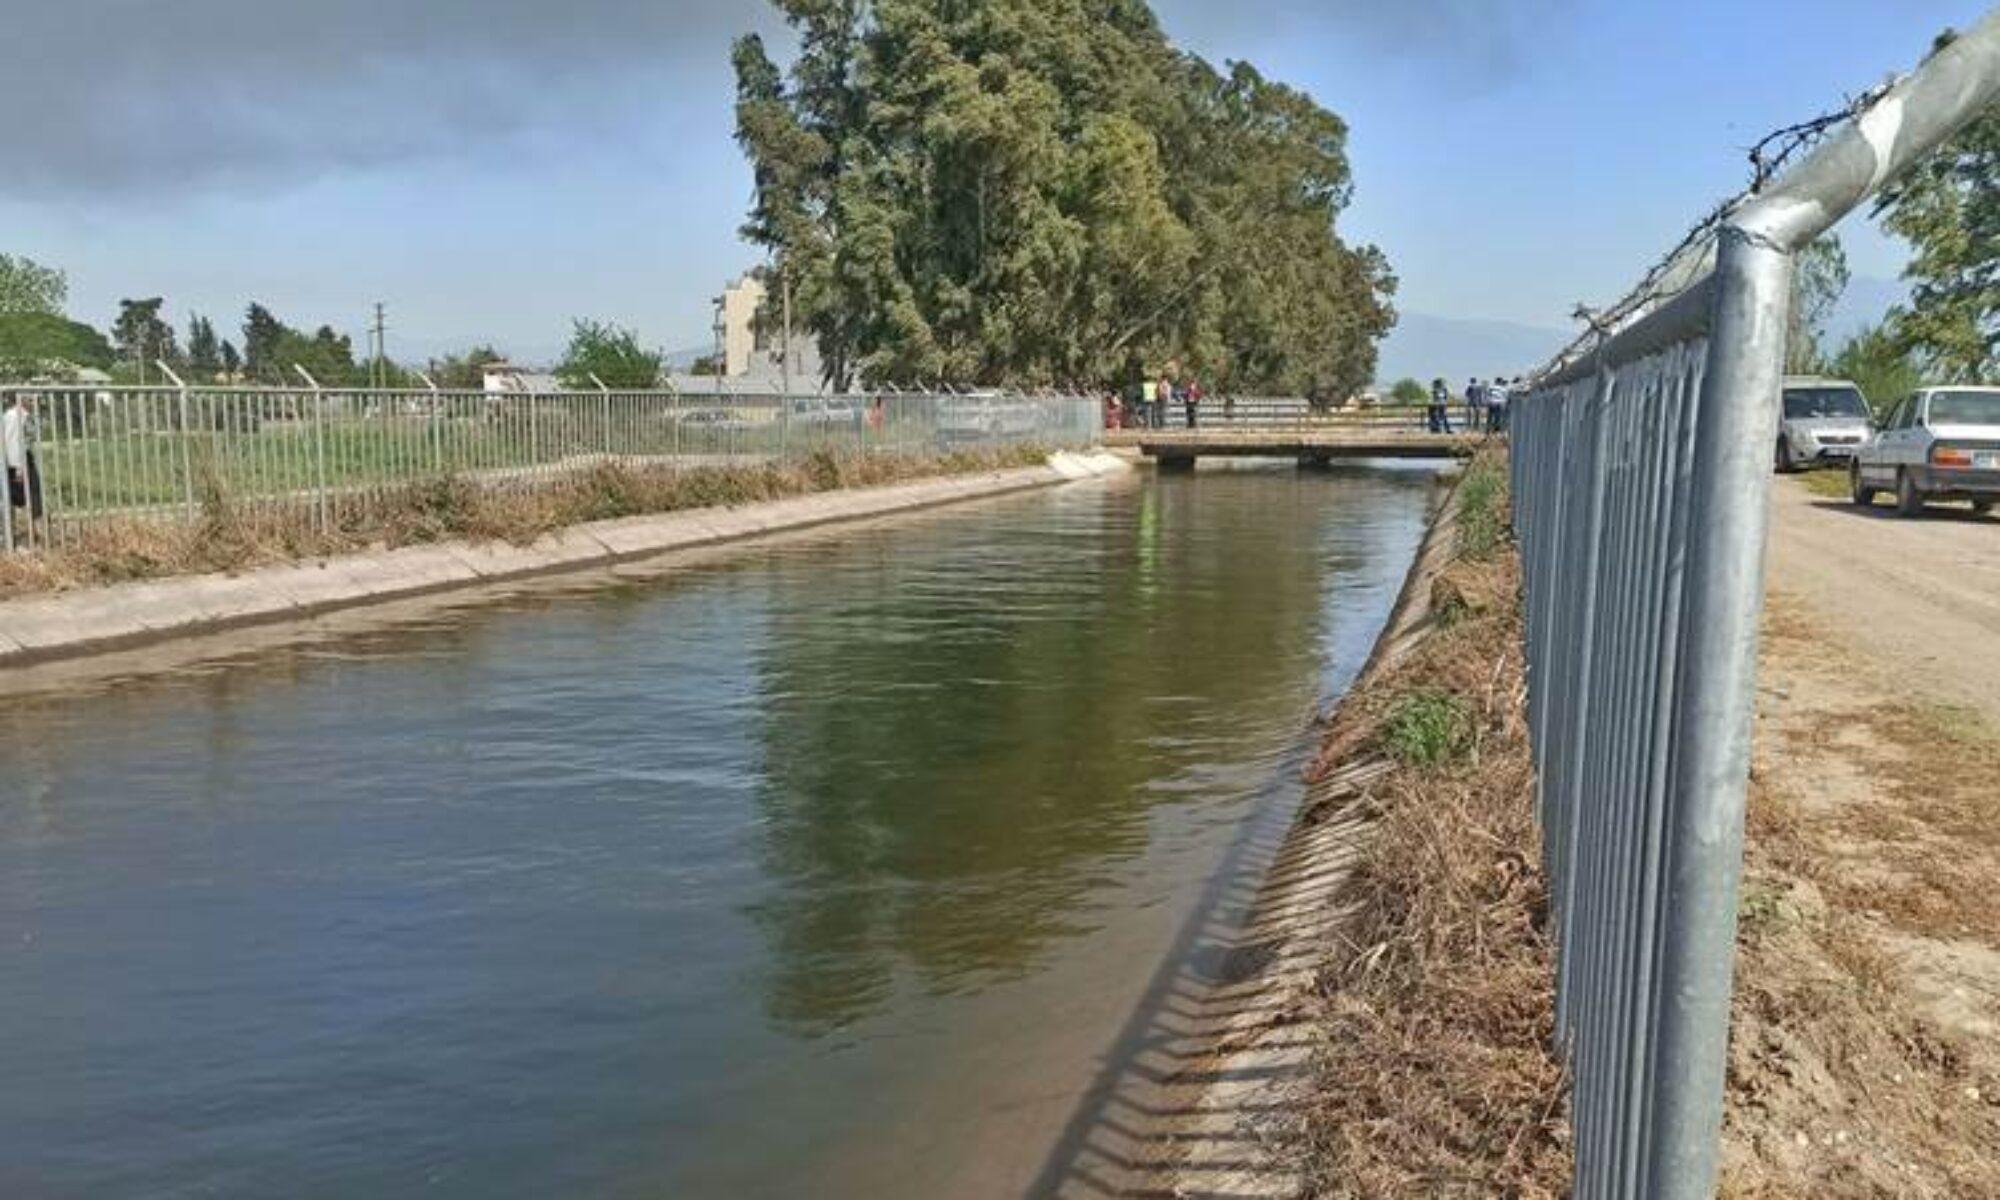 Tarım işçilerinin çilesi bitmiyor: Yüzünü yıkamak isterken su kanalına düşen Urfalı iki kardeş boğuldu